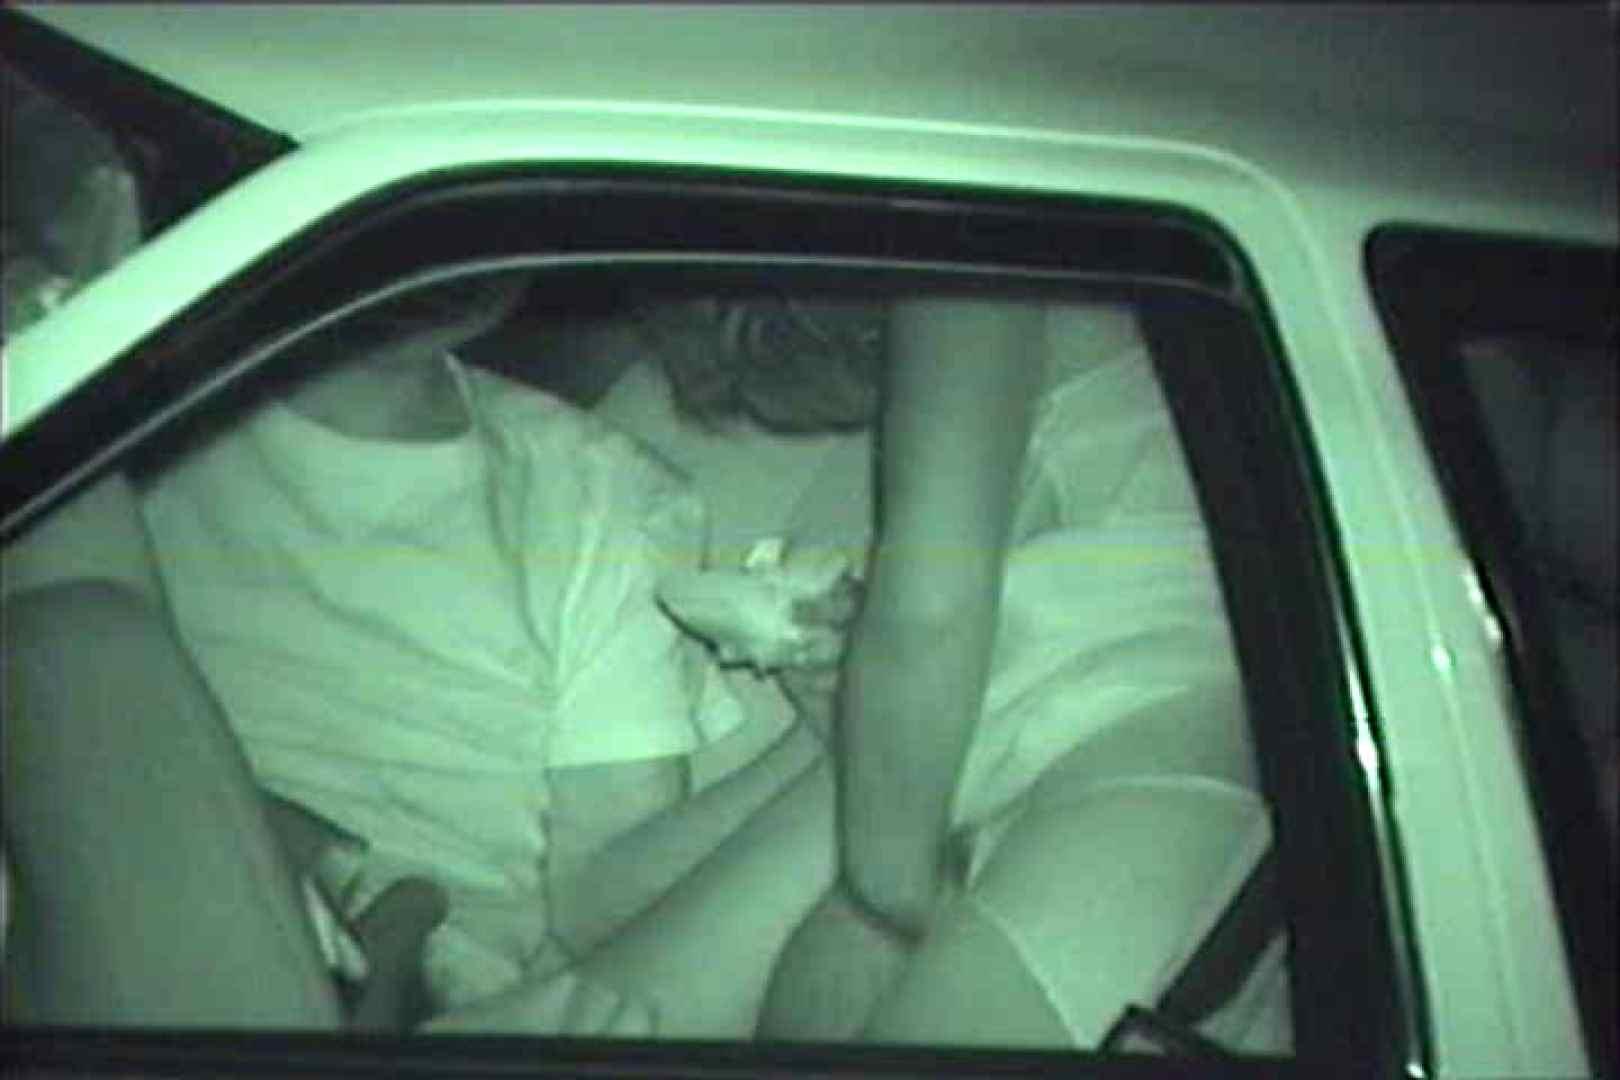 車の中はラブホテル 無修正版  Vol.17 美女OL アダルト動画キャプチャ 104連発 74